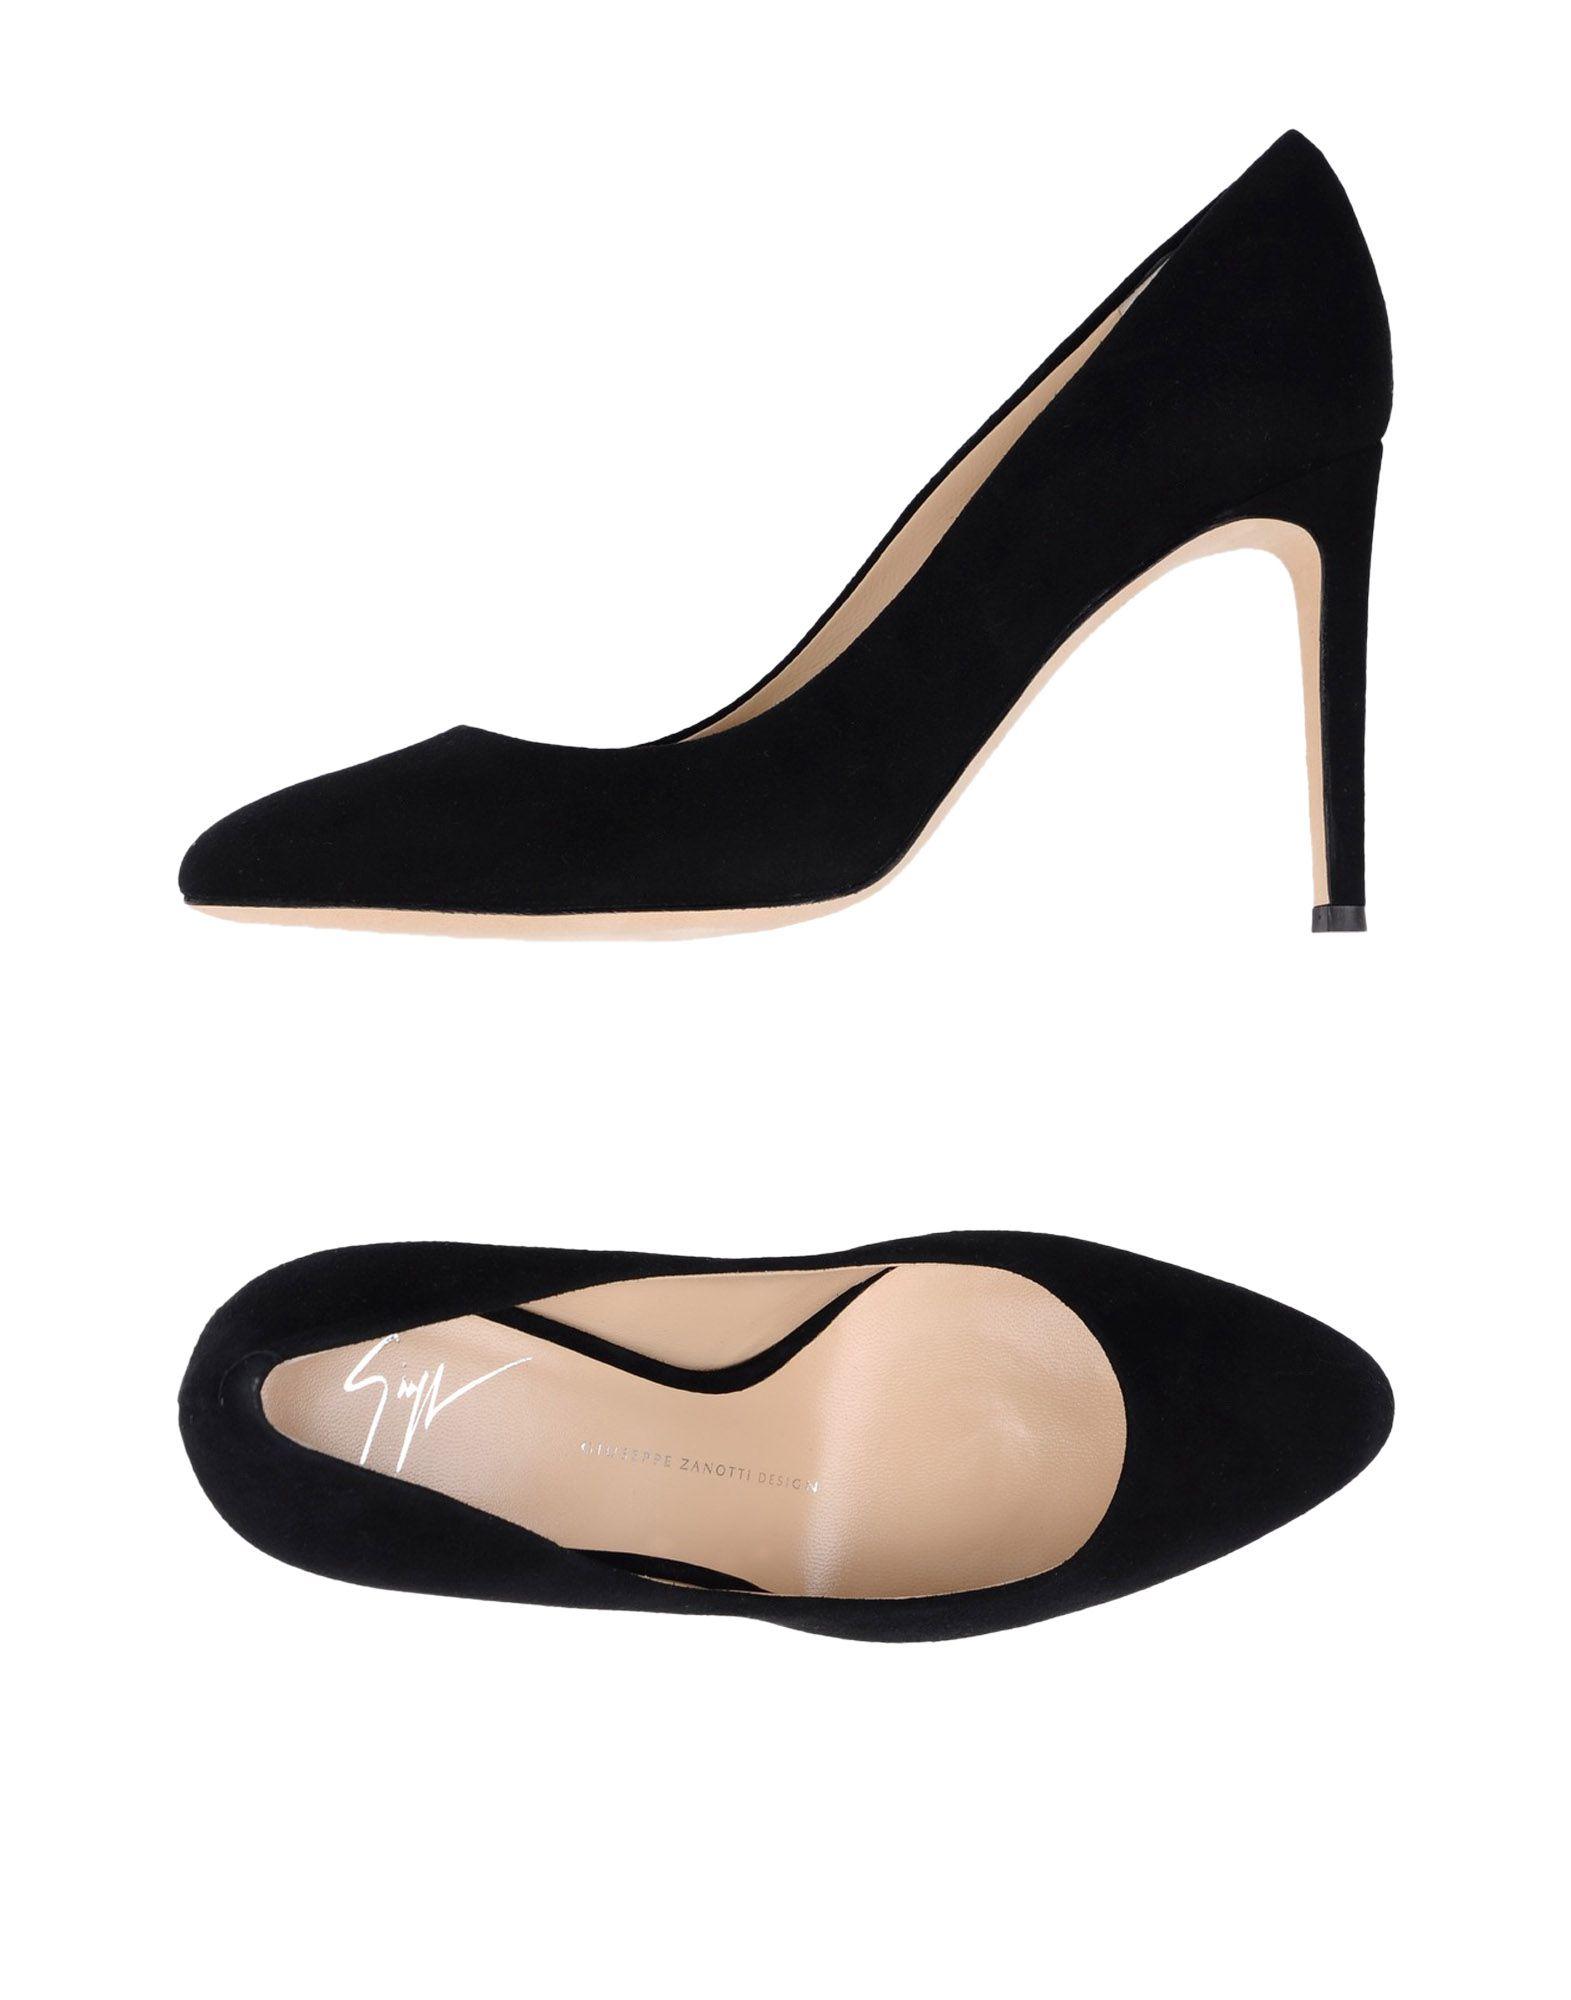 Gran descuento Zapato De Salón Giuseppe Zanotti Mujer - Negro Salones Giuseppe Zanotti  Negro - 3a3fa7